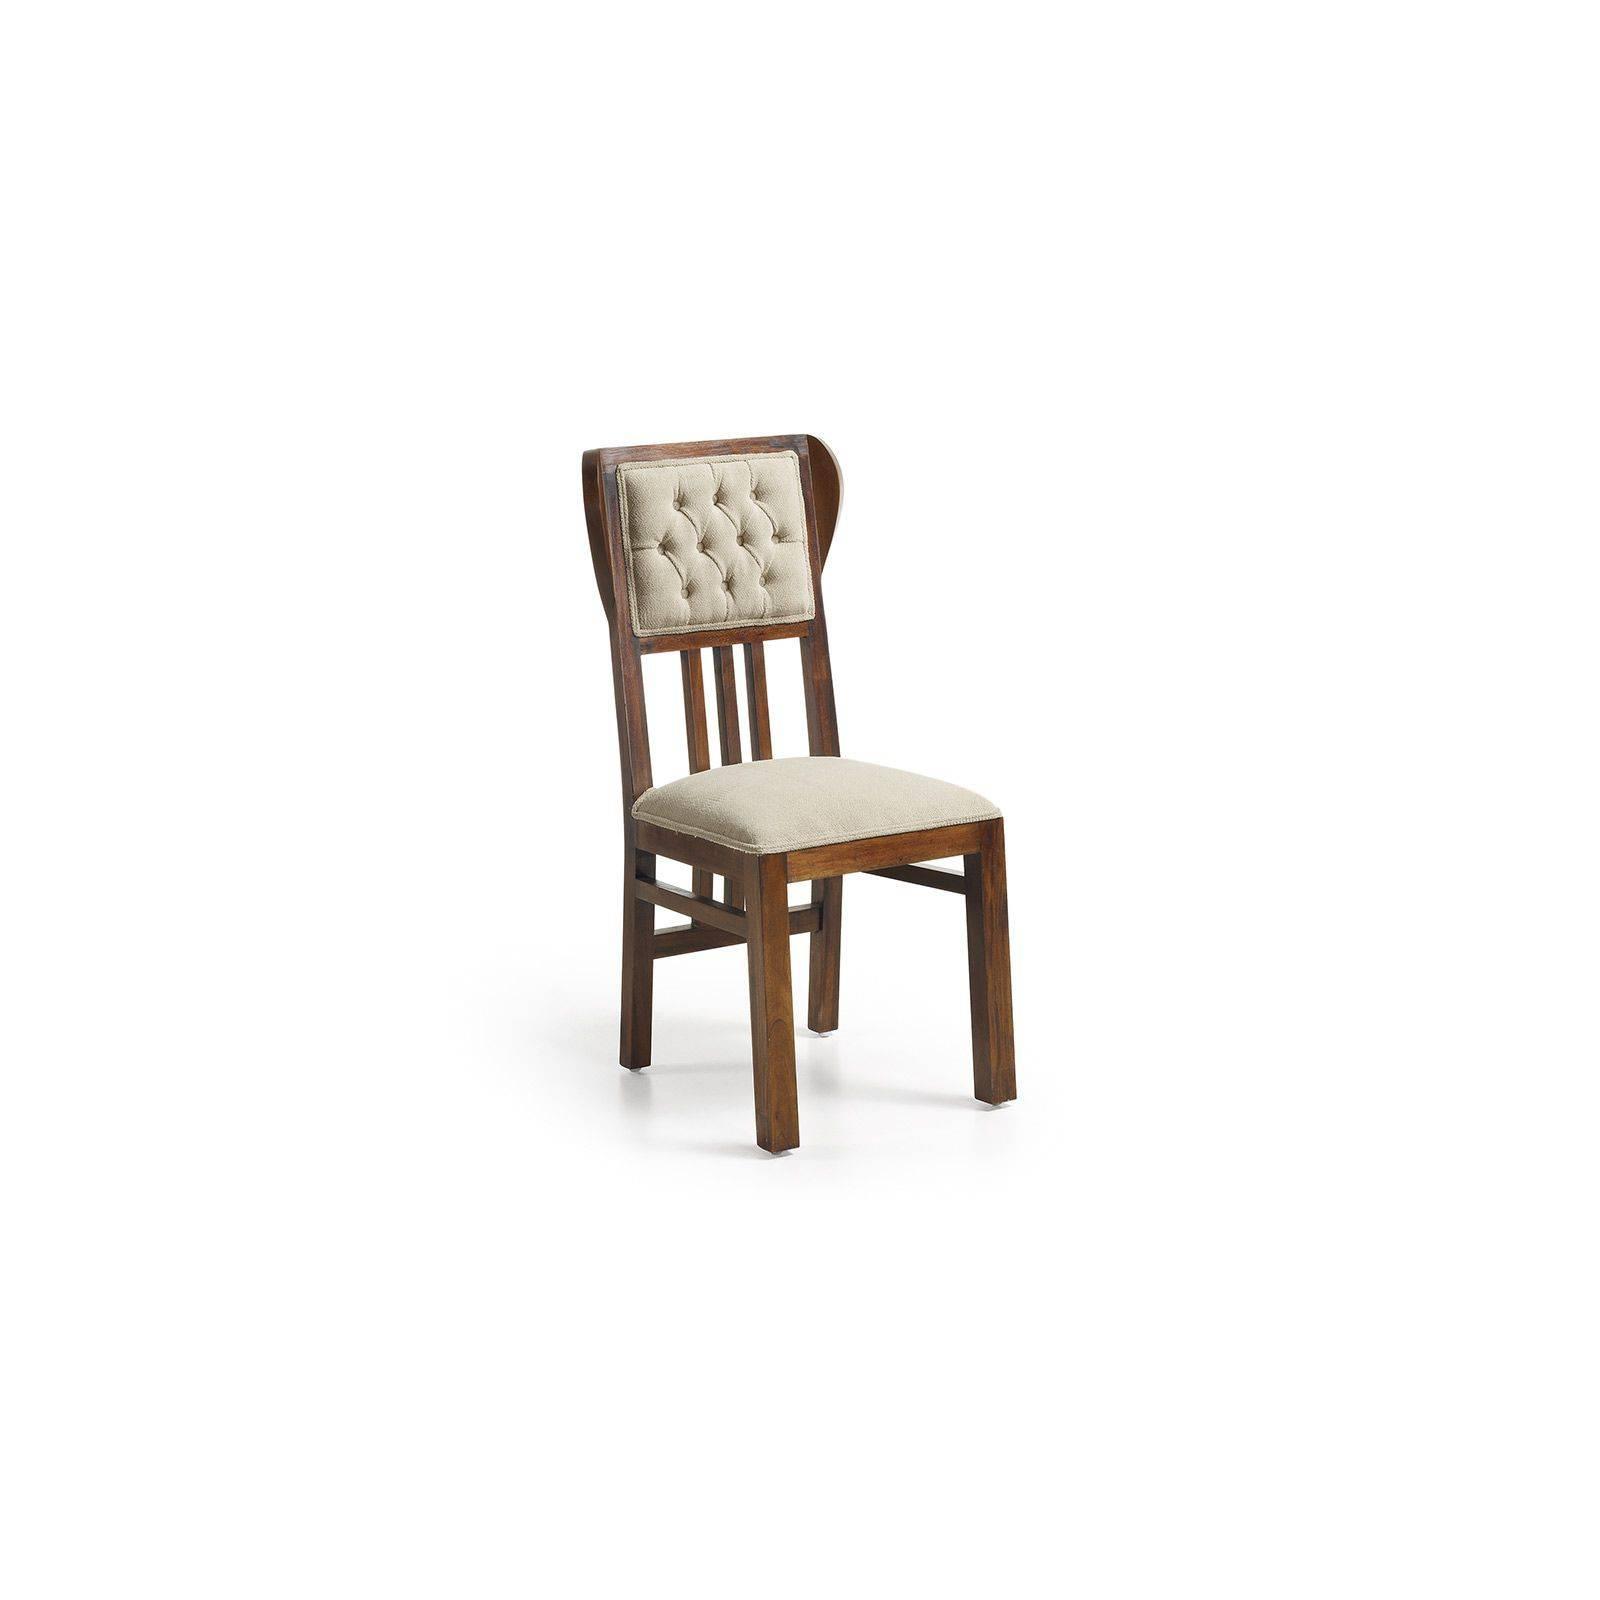 Chaise rembourrée Colonial Acajou Massif - chaise bois massif